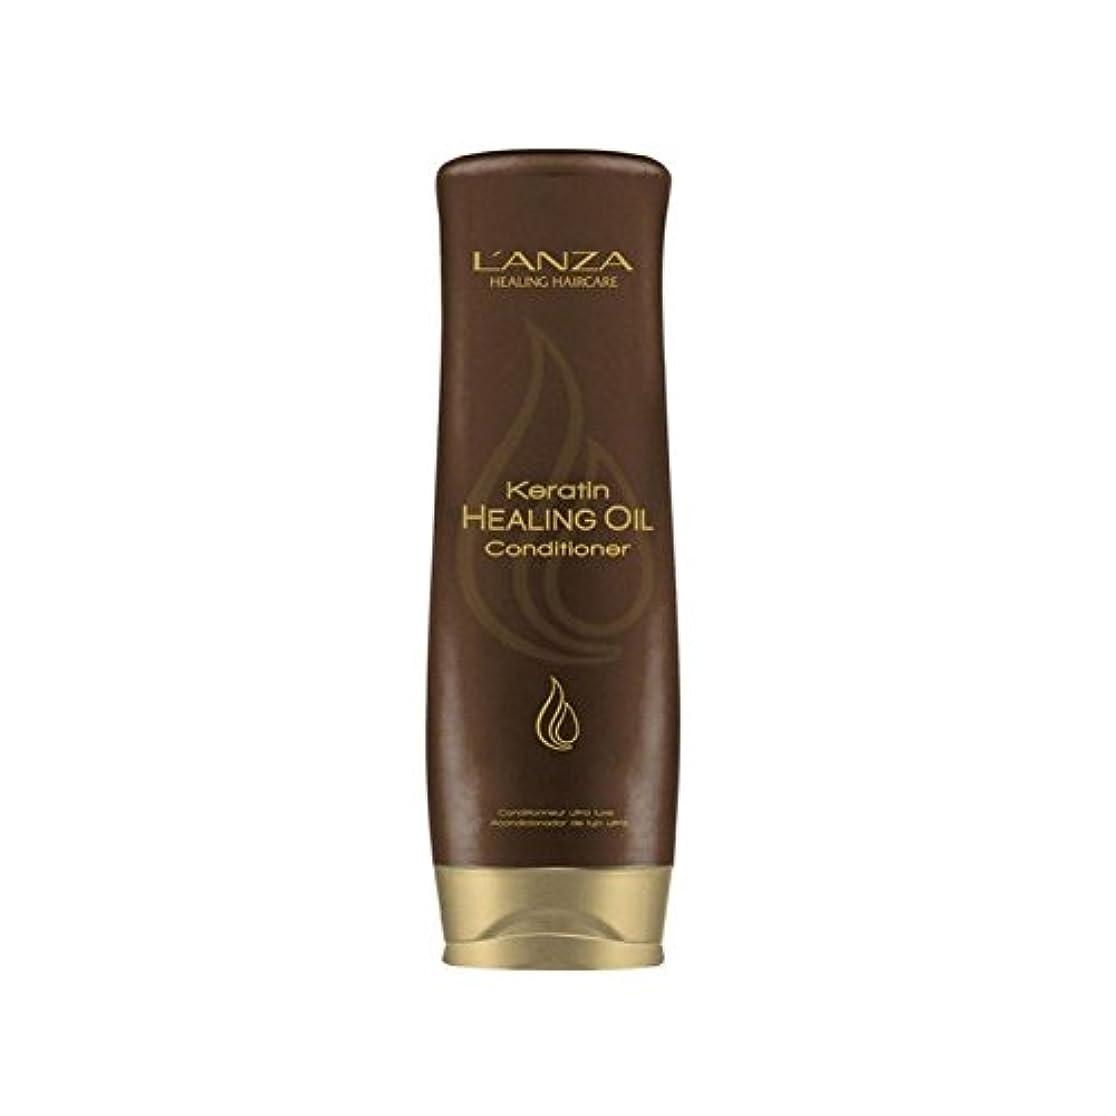 矩形王子明らかL'Anza Keratin Healing Oil Conditioner (250ml) (Pack of 6) - アンザケラチンオイルコンディショナー(250ミリリットル)を癒し x6 [並行輸入品]